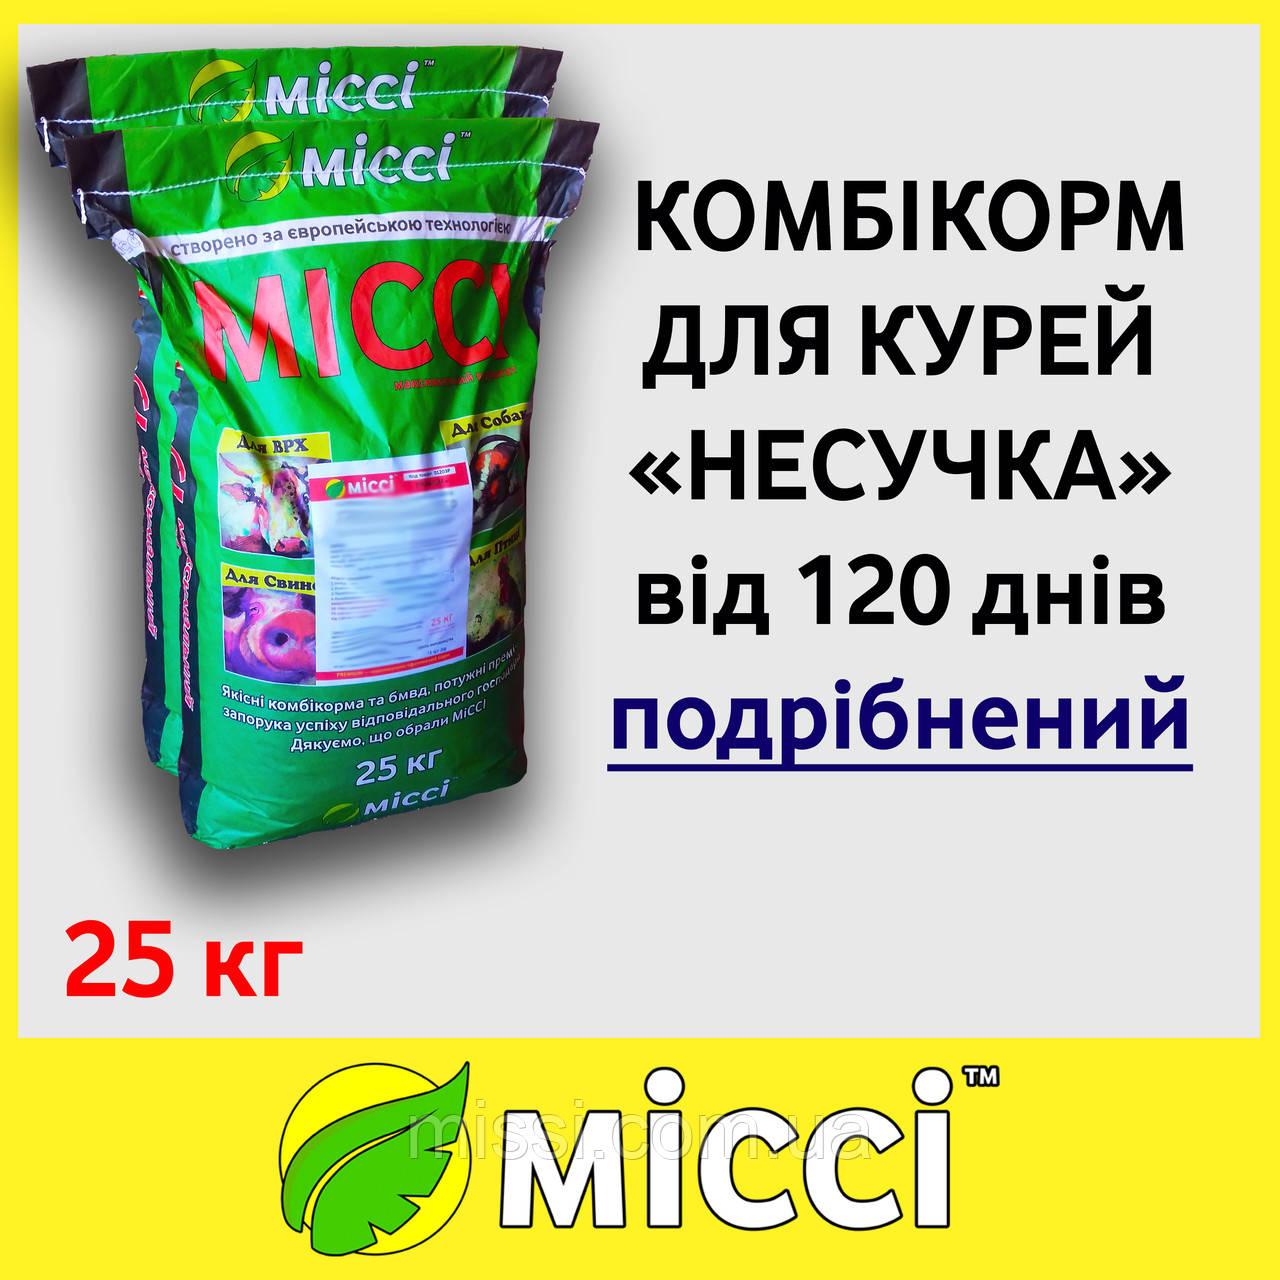 Комбікорм КУРКА НЕСУЧКА, Міссі 25 кг